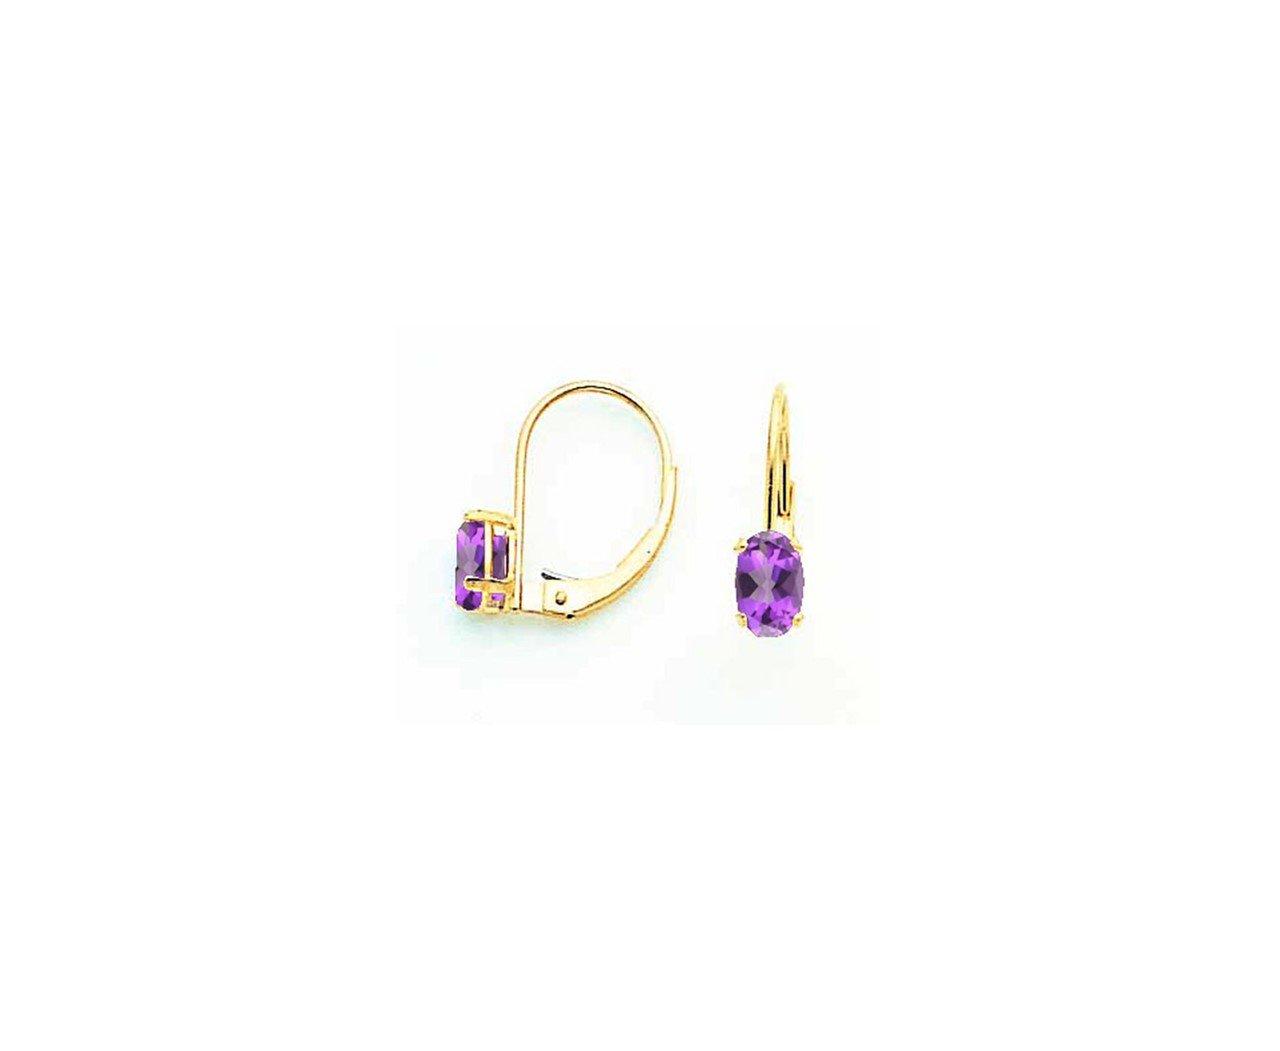 14k Tsavorite oval leverback earring